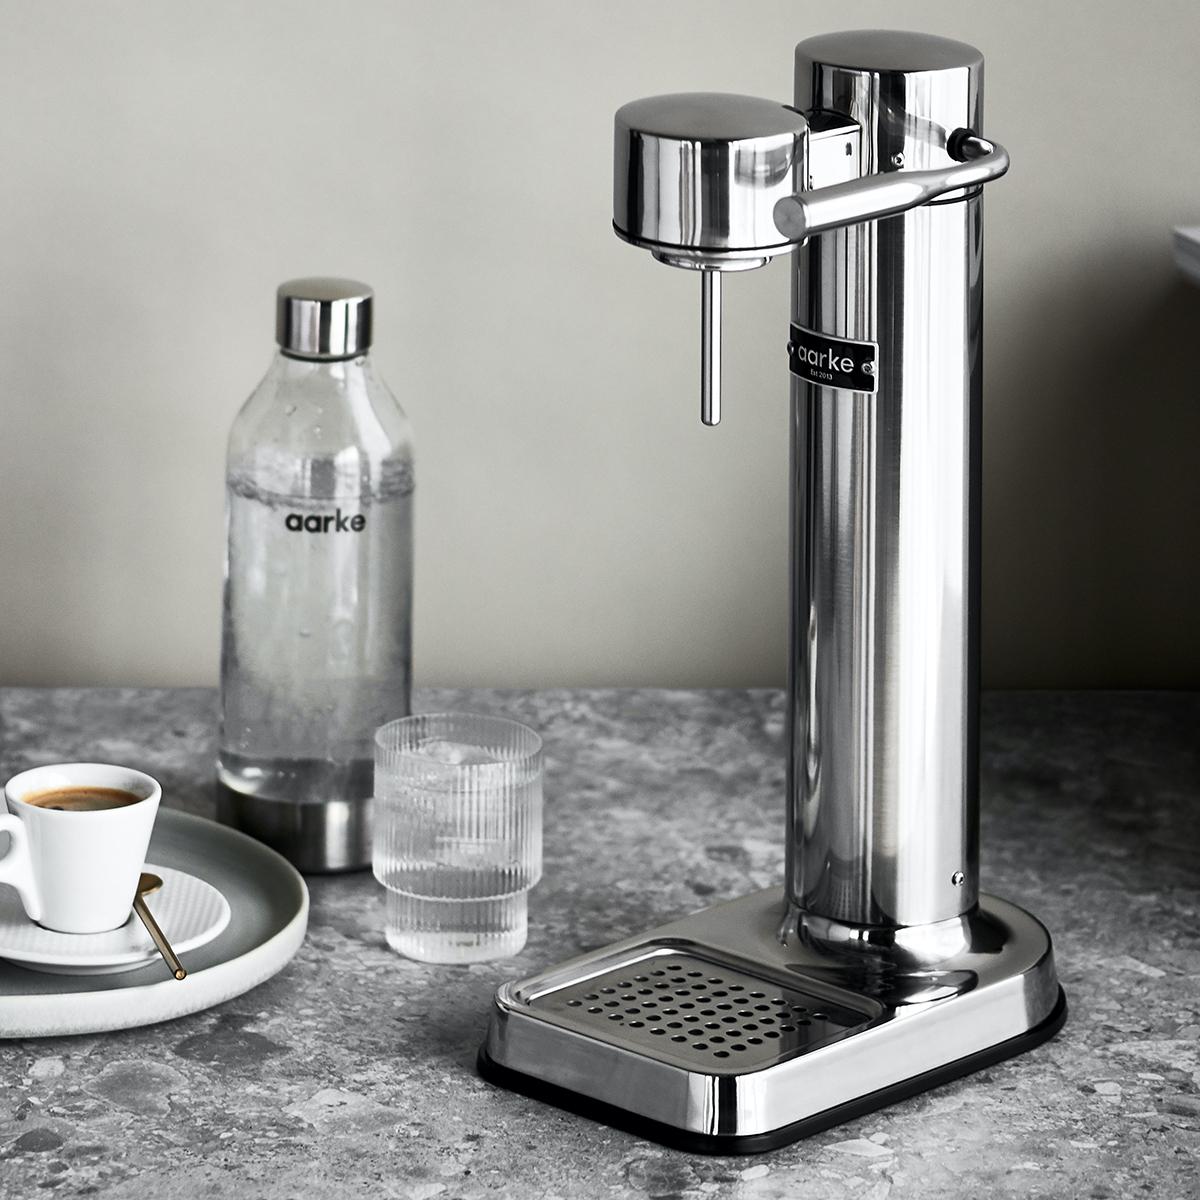 20% Rabatt auf Aarke Carbonator 3 Wassersprudler & Zubehör: z.B. silber, schwarz matt & weiß 151,20€ oder kupfer & schwarz Chrom 159,20€